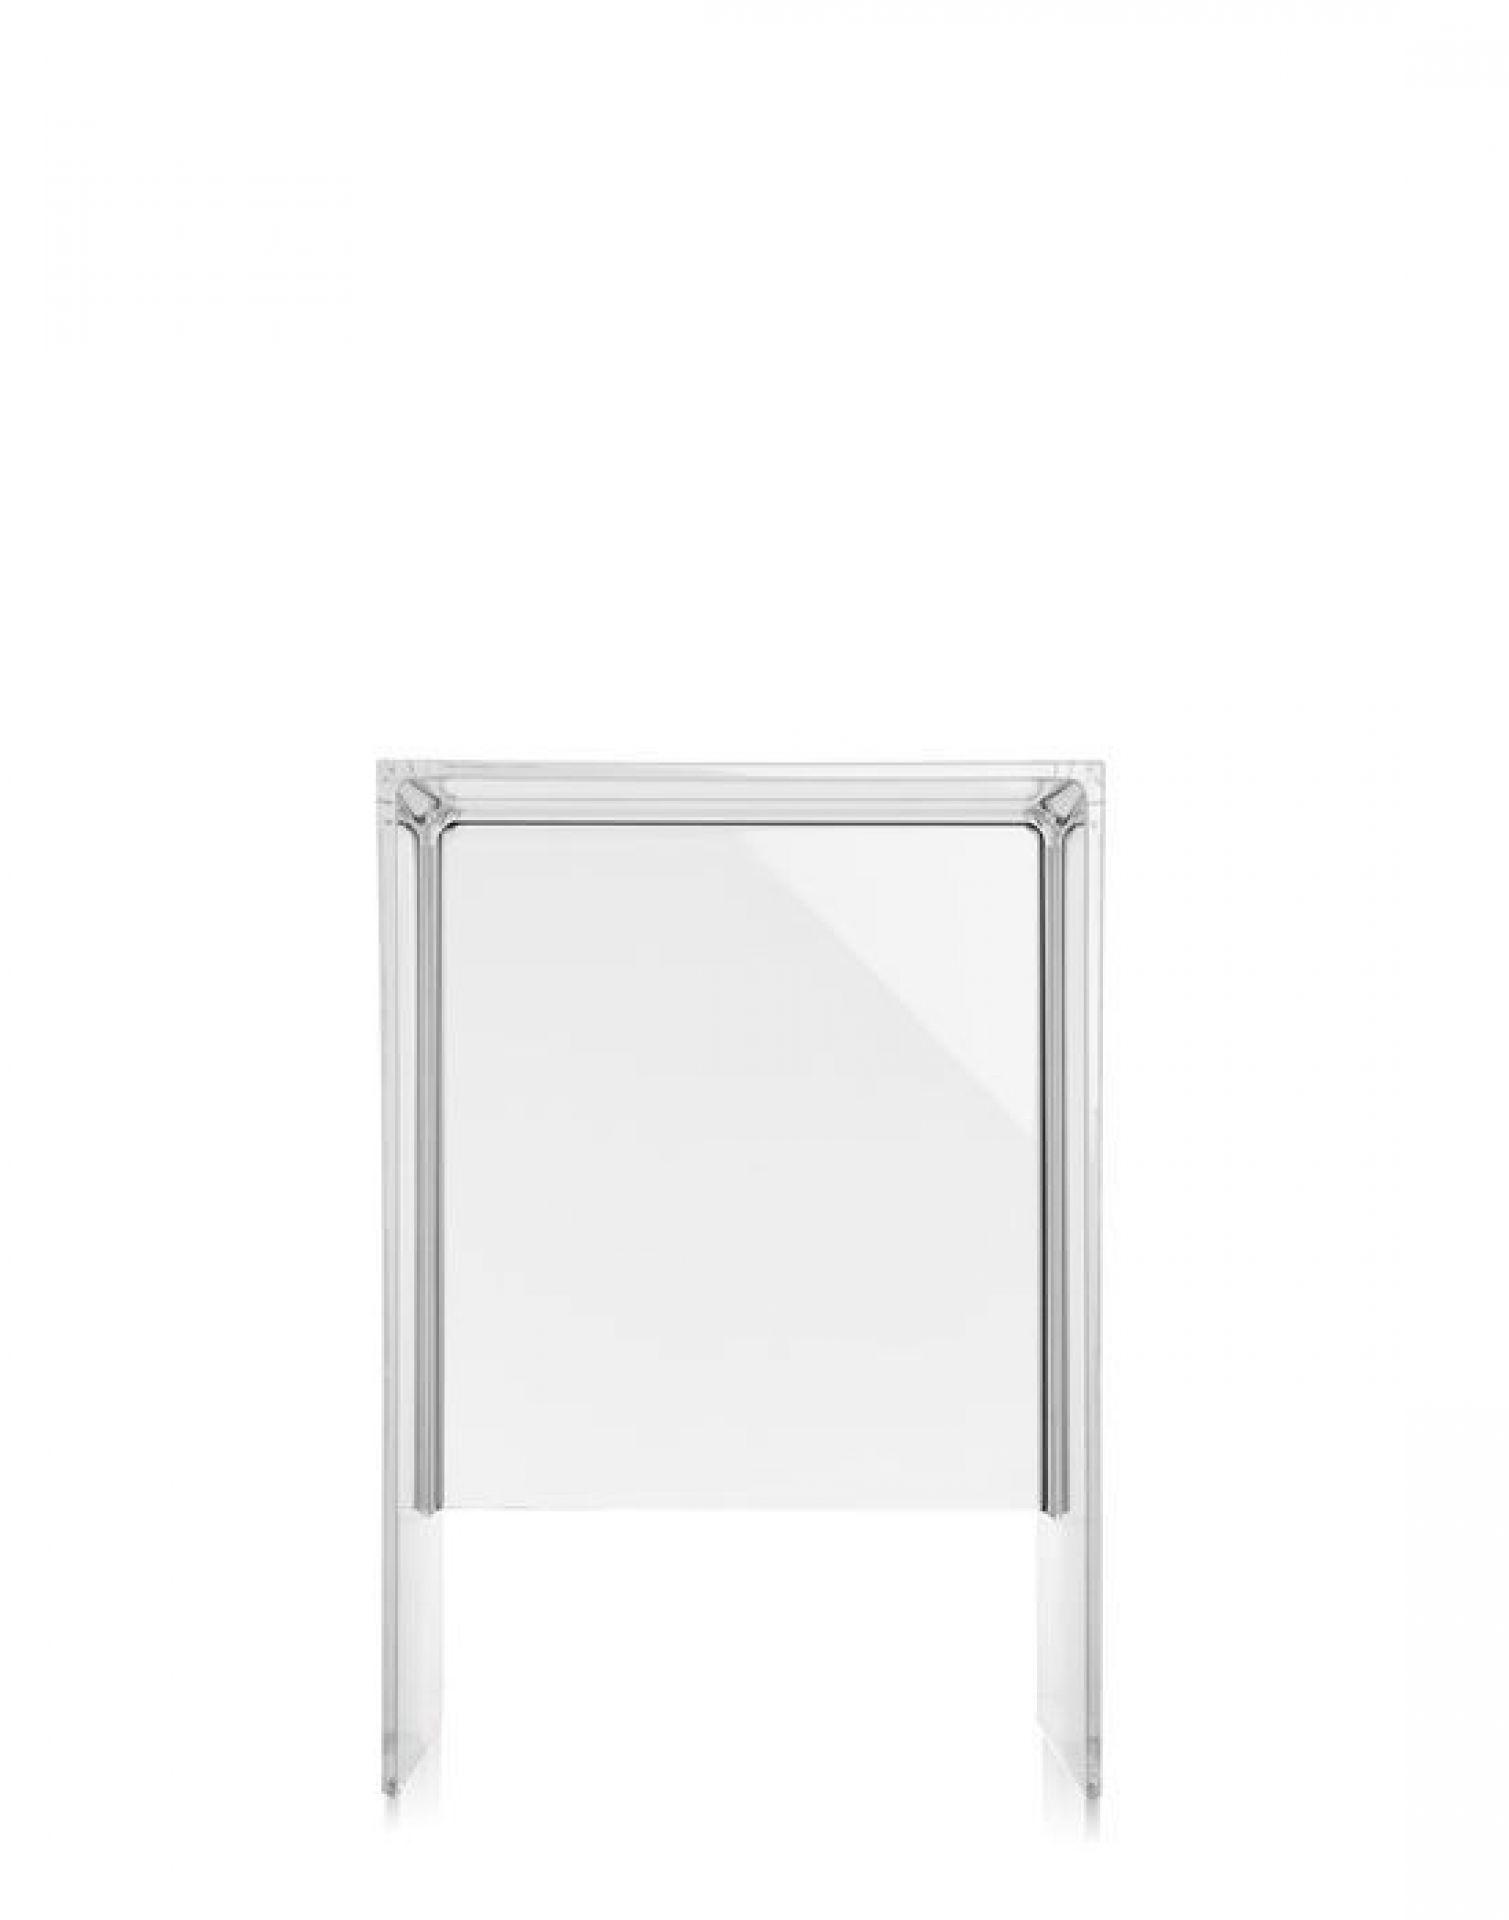 Max-Beam Hocker/Beistelltisch glasklar Kartell